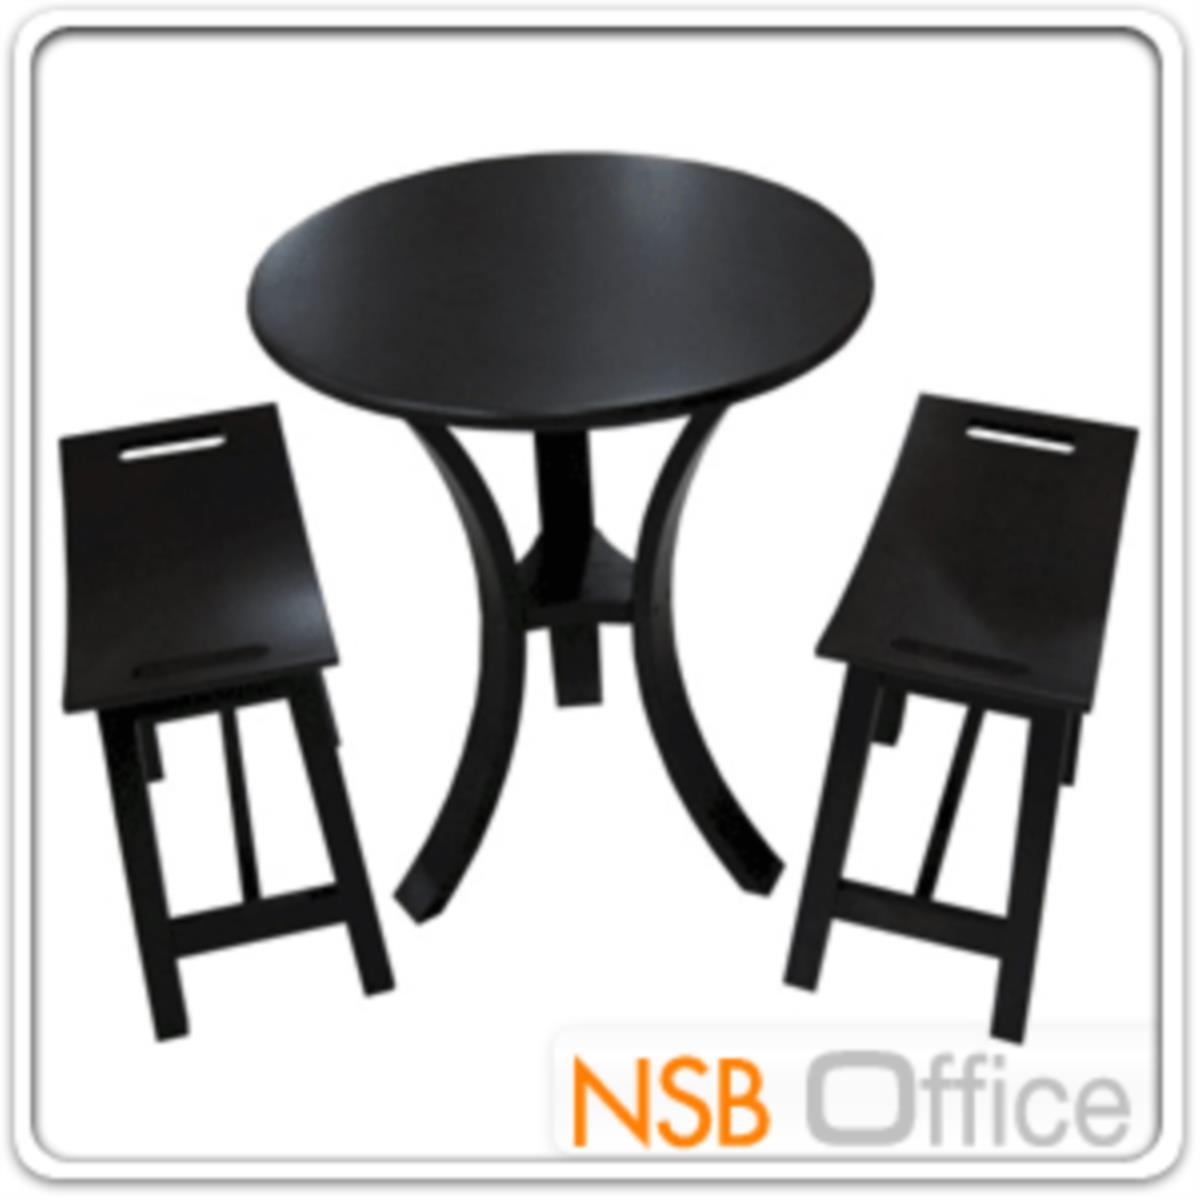 ชุดโต๊ะรับประทานอาหารหน้าไม้ยาง 2 ที่นั่ง รุ่น Getsunova (เก็ตสึโนวา) ขนาด 60Di cm.  พร้อมเก้าอี้